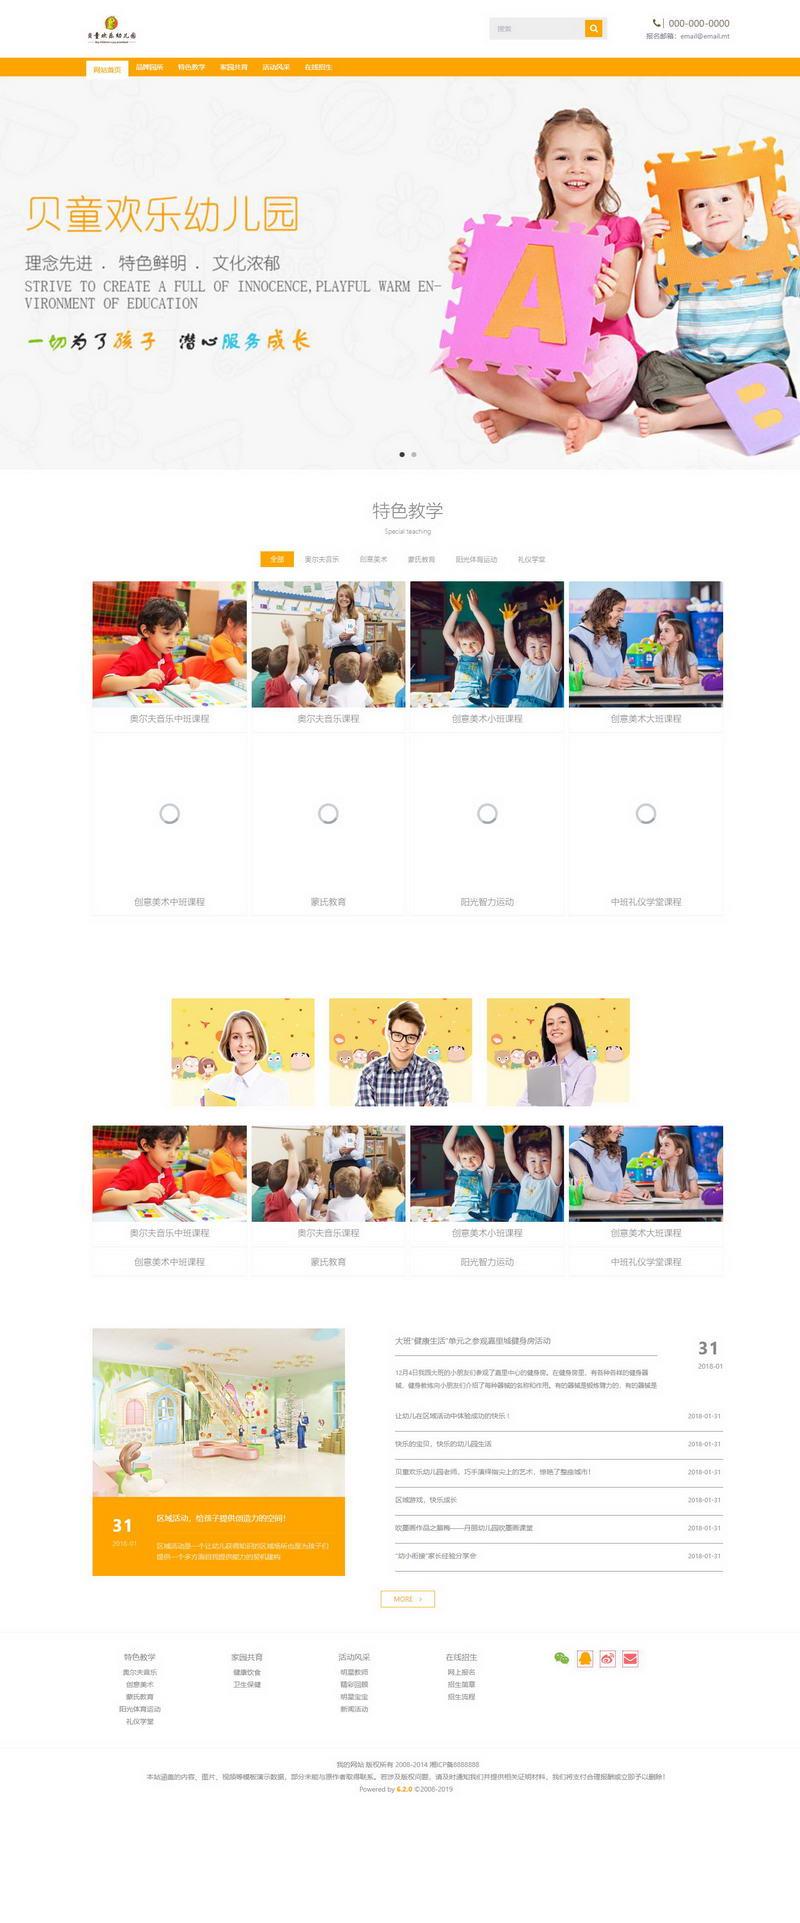 泰州学校教育类网站设计制作和建设服务